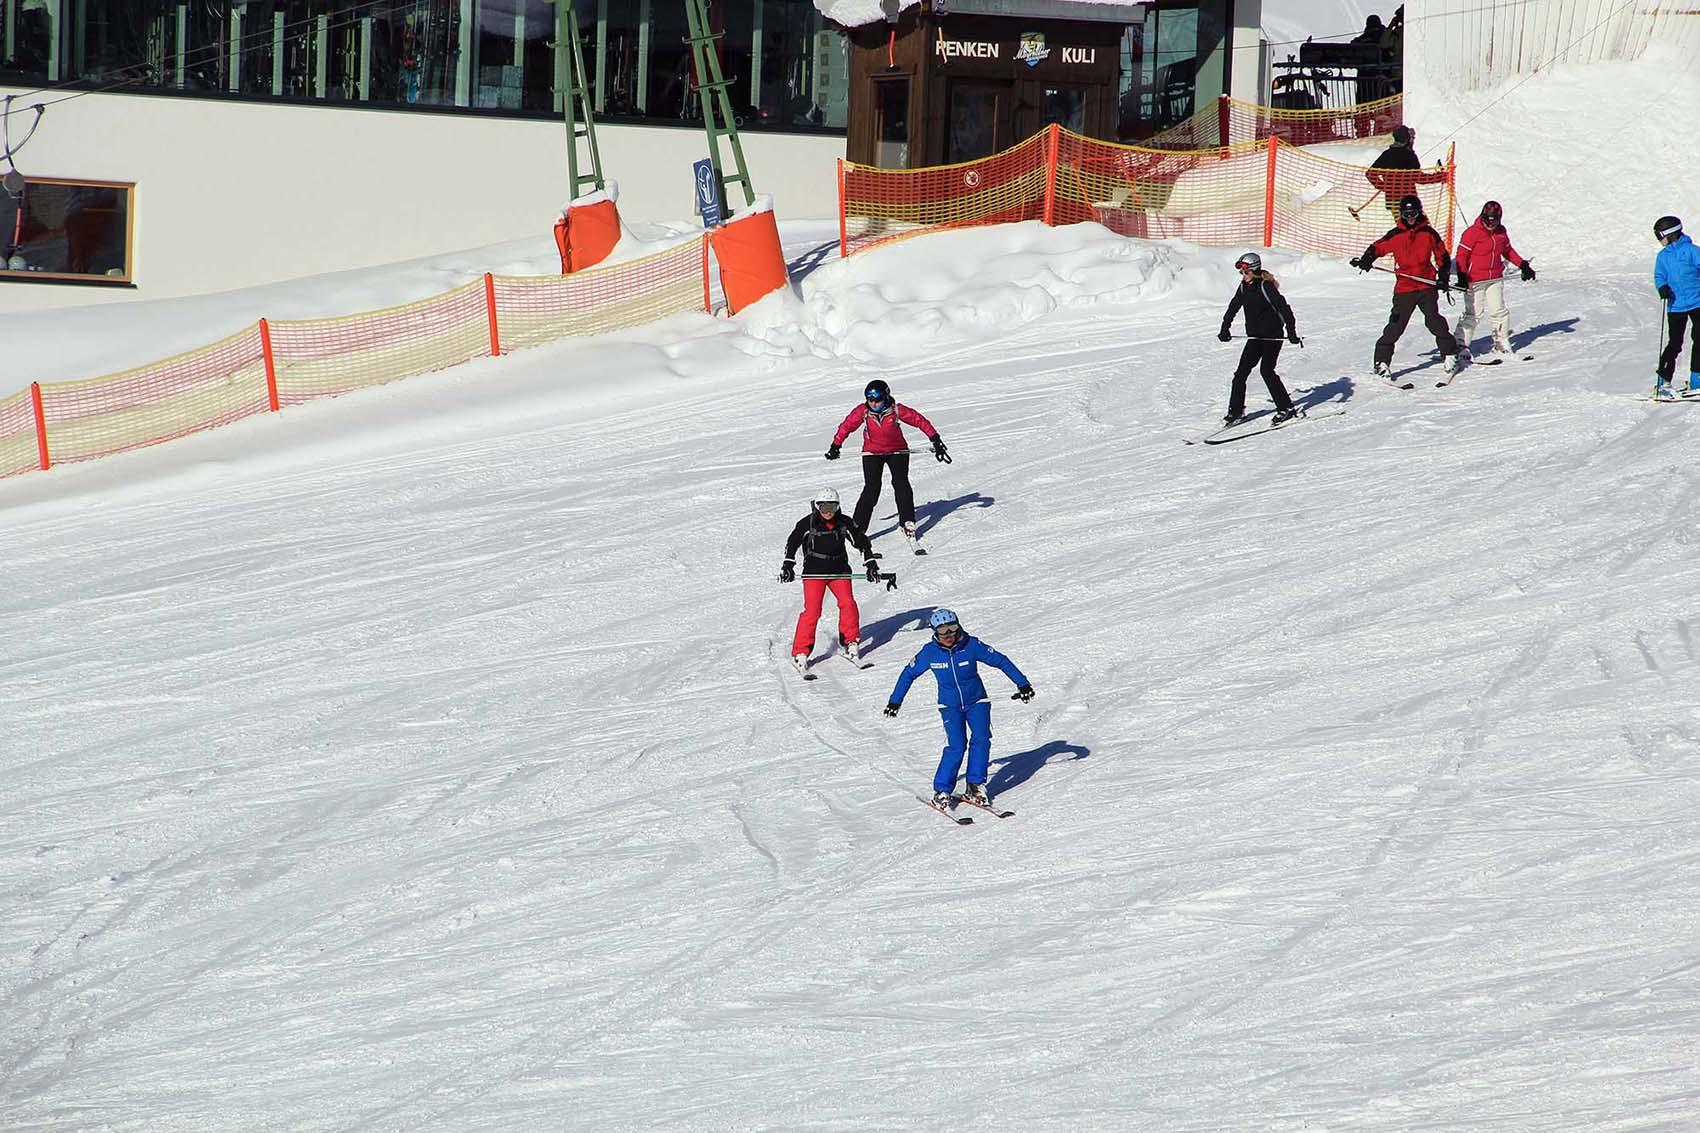 Ski Group Lessons - Ski School Habeler Mayrhofen